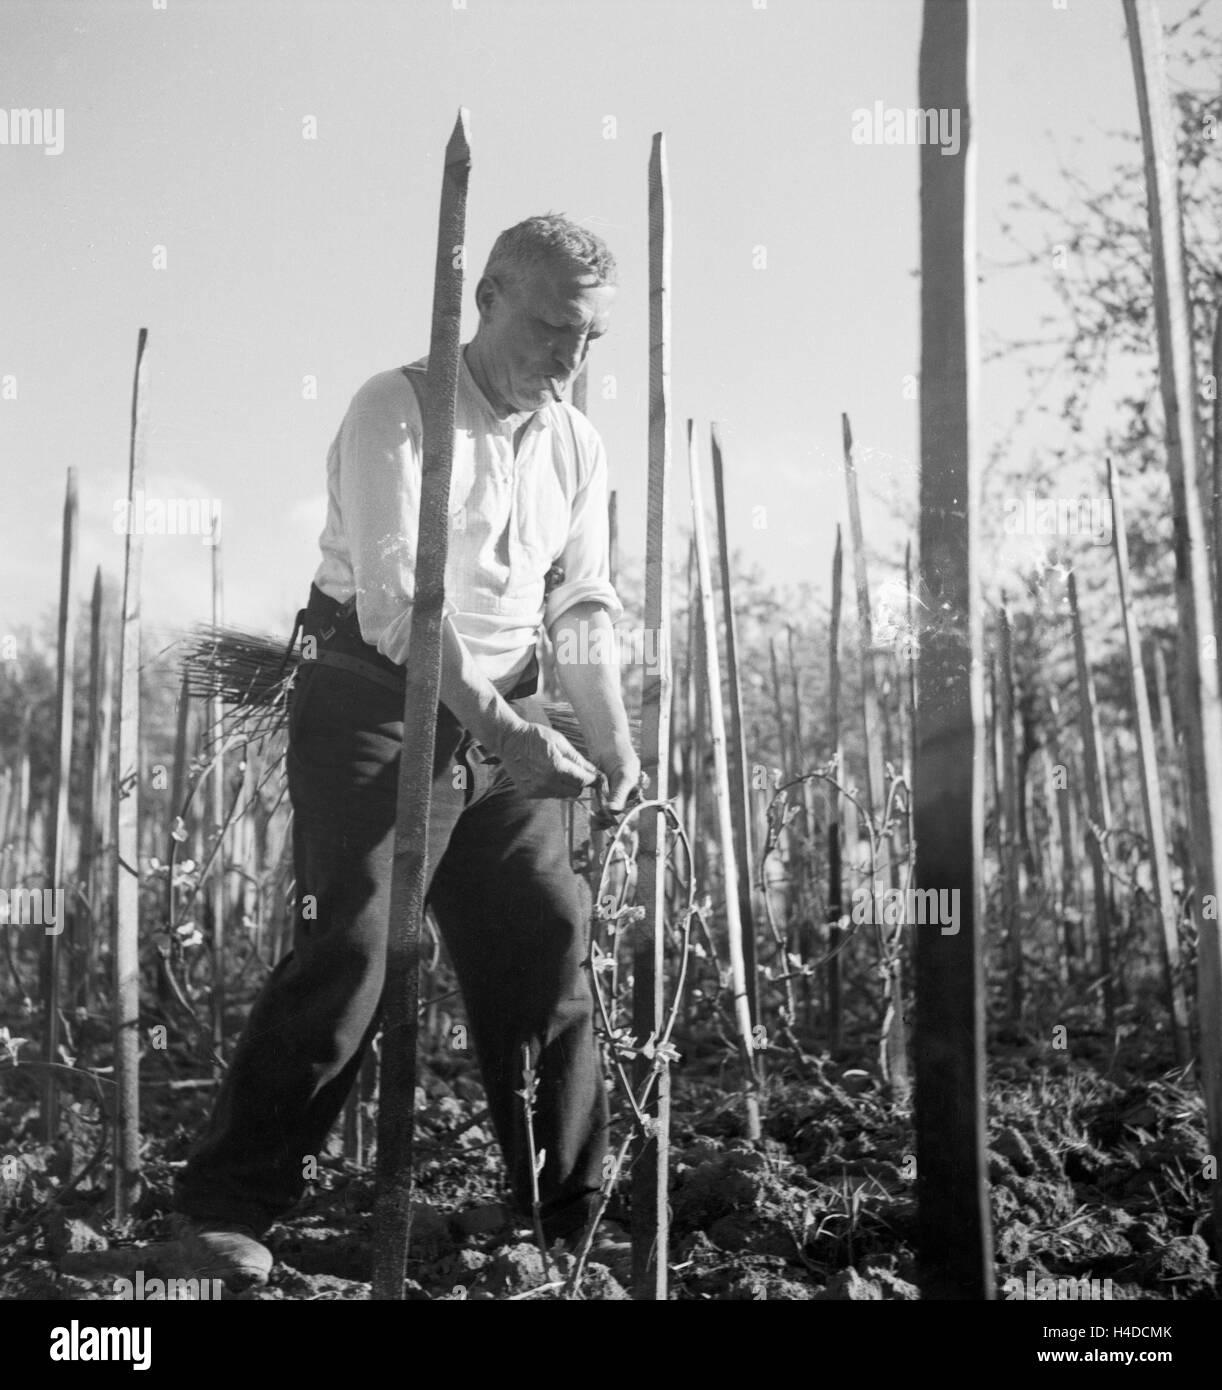 Ein Winzer Schwitzt Bei der Arbeit in seit Weinberg, 1930er Jahre Deutschland. Ein Winzer arbeiten im Weingarten, Stockbild